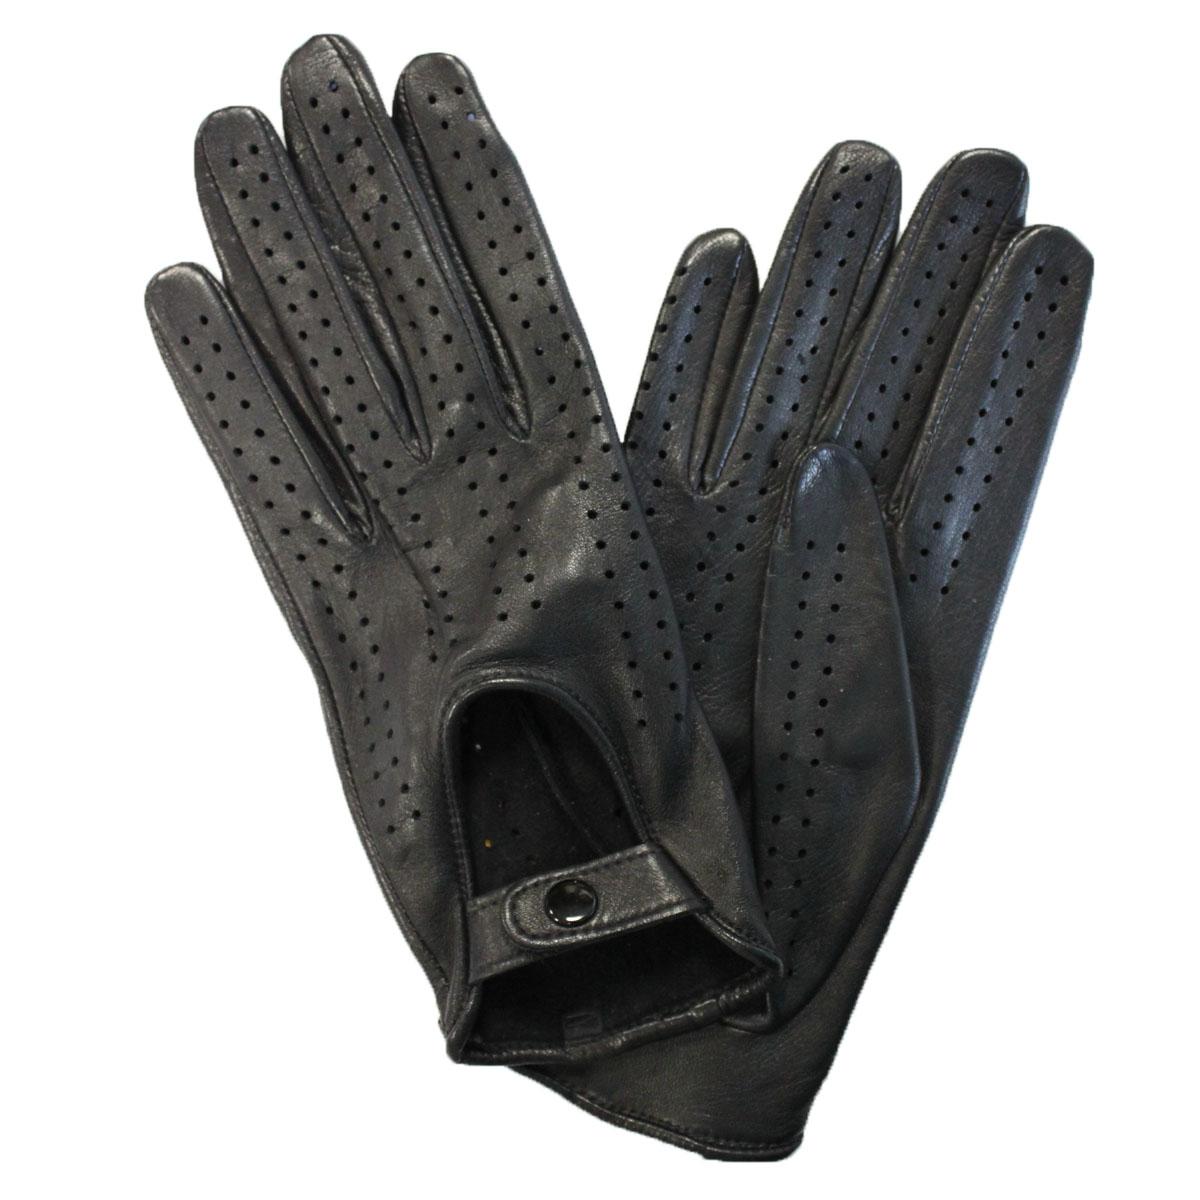 ПерчаткиЭ-20L_242Стильные перчатки Edmins без подкладки выполнены из мягкой и приятной на ощупь натуральной кожи ягненка. Такие перчатки станут отличным дополнением к вашему образу. На внешней стороне перчатки сделана выемка, которая застегивается на кнопку. Вся поверхность перчатки декорирована перфорацией.